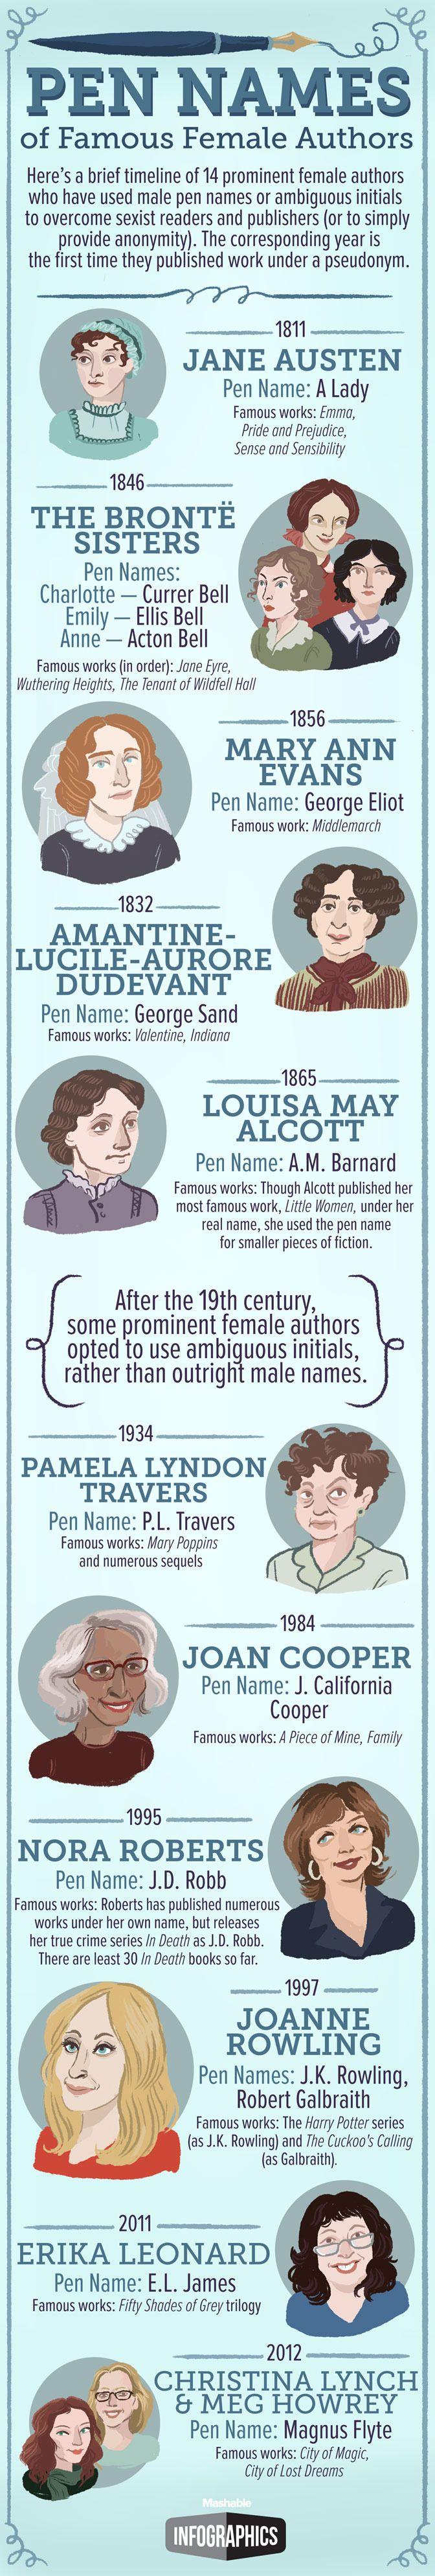 Pen Names of Famous Female Authors | Bound 4 Escape